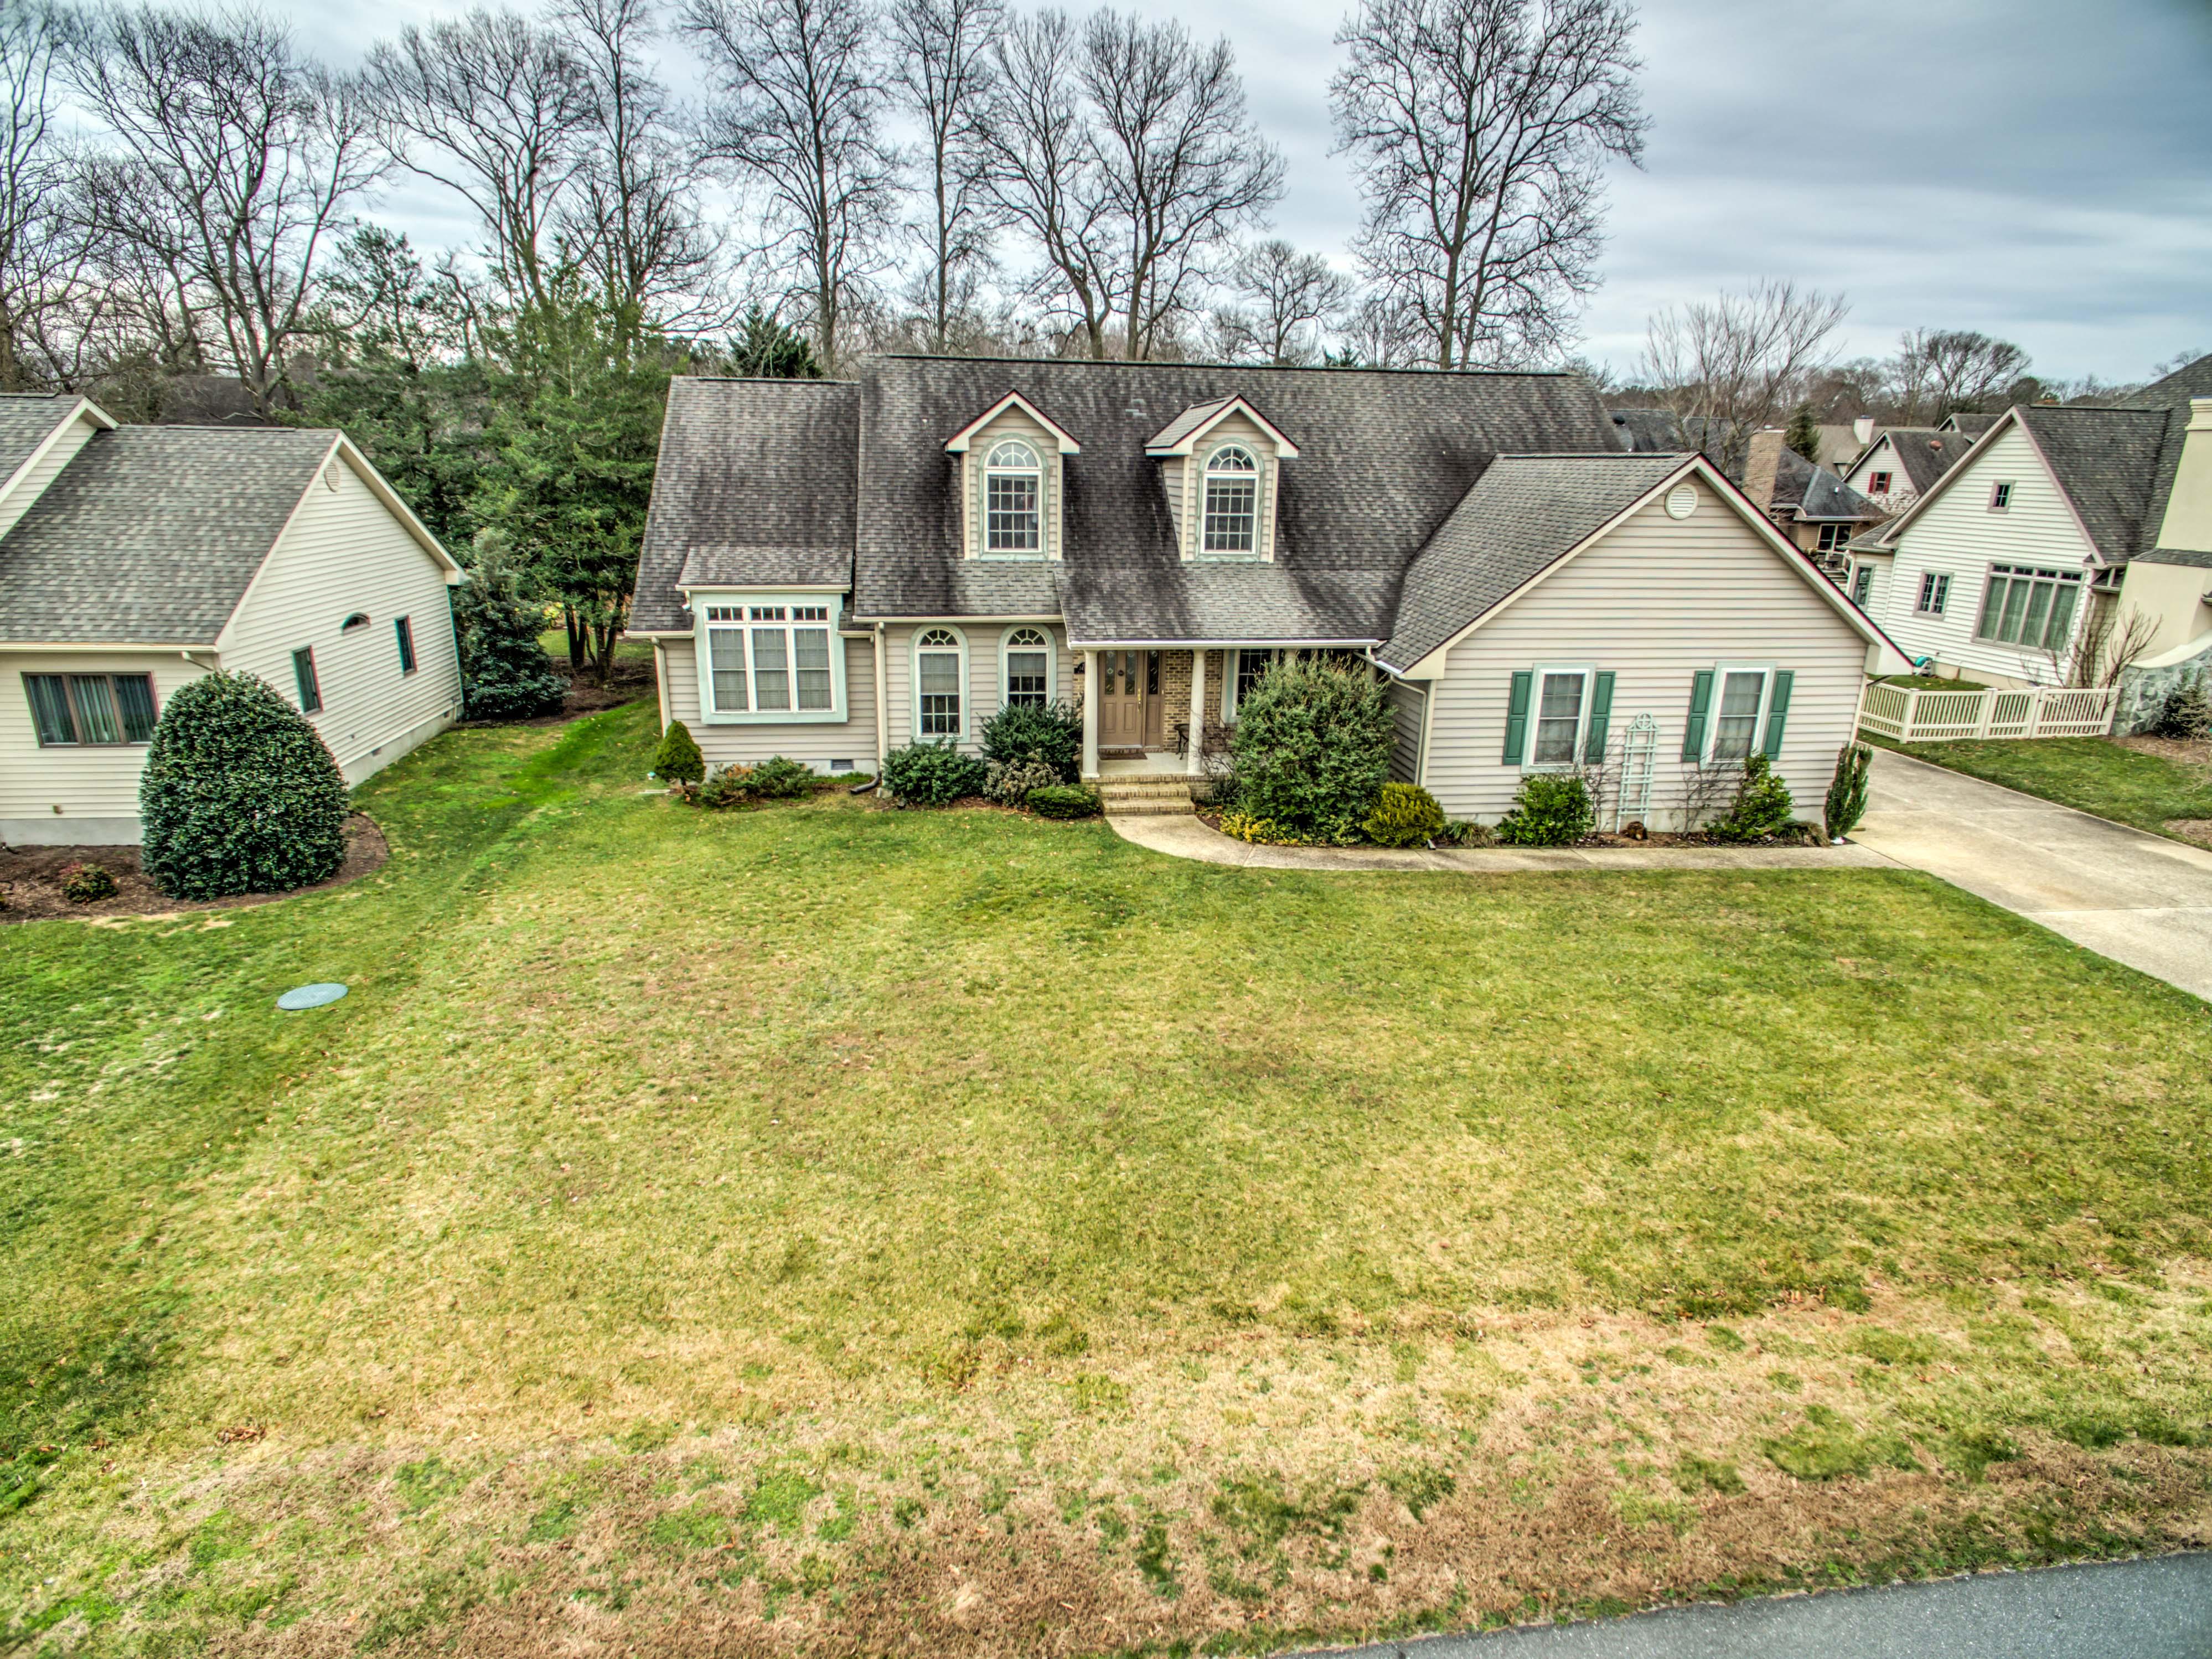 Частный односемейный дом для того Продажа на 34524 Quail Lane , Dagsboro, DE 19939 34524 Quail Lane Dagsboro, 19939 Соединенные Штаты